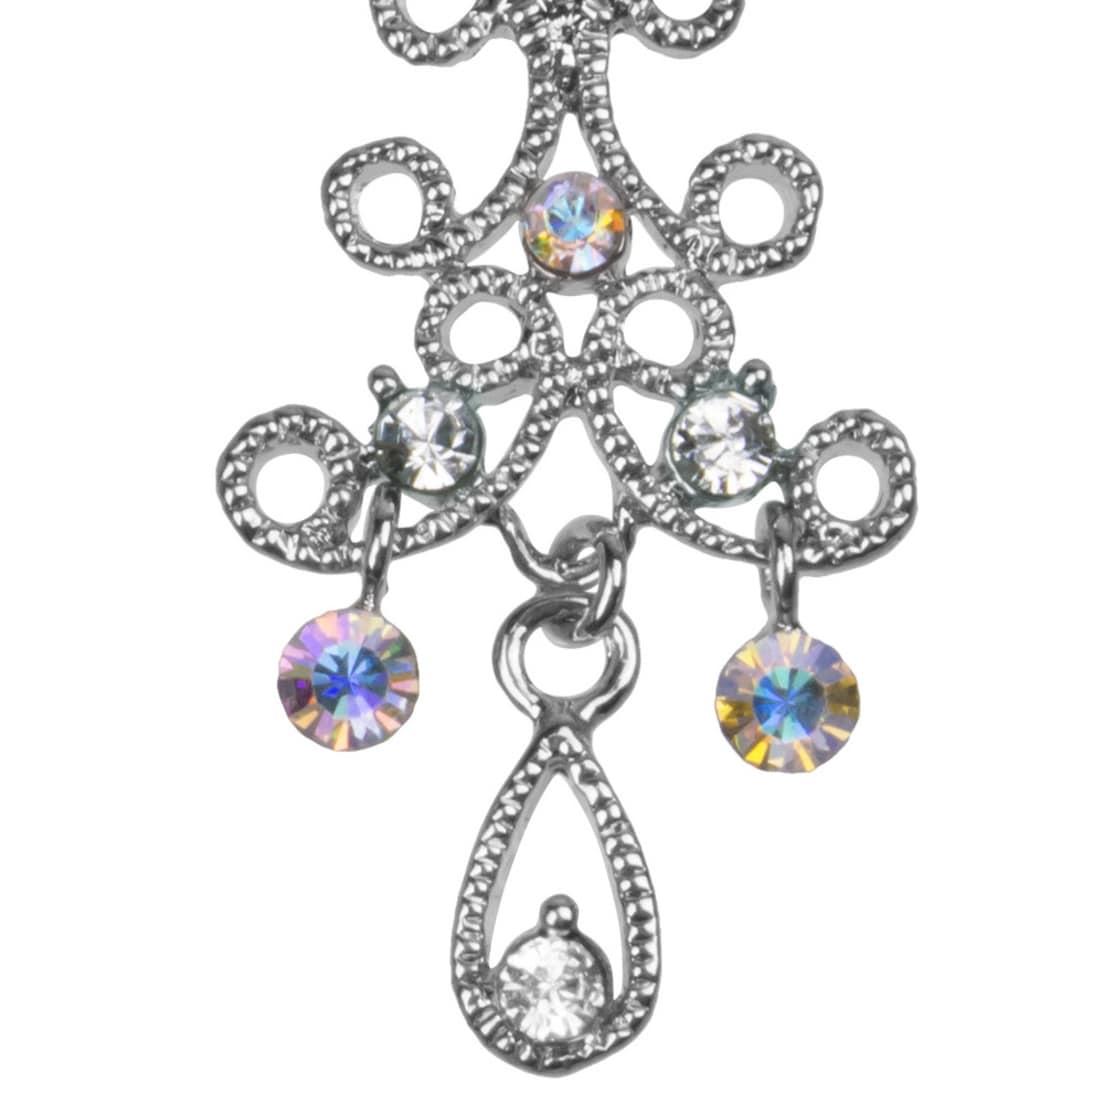 chandelier earrings by patricia locke Kentucky Bourbon Mule sold out